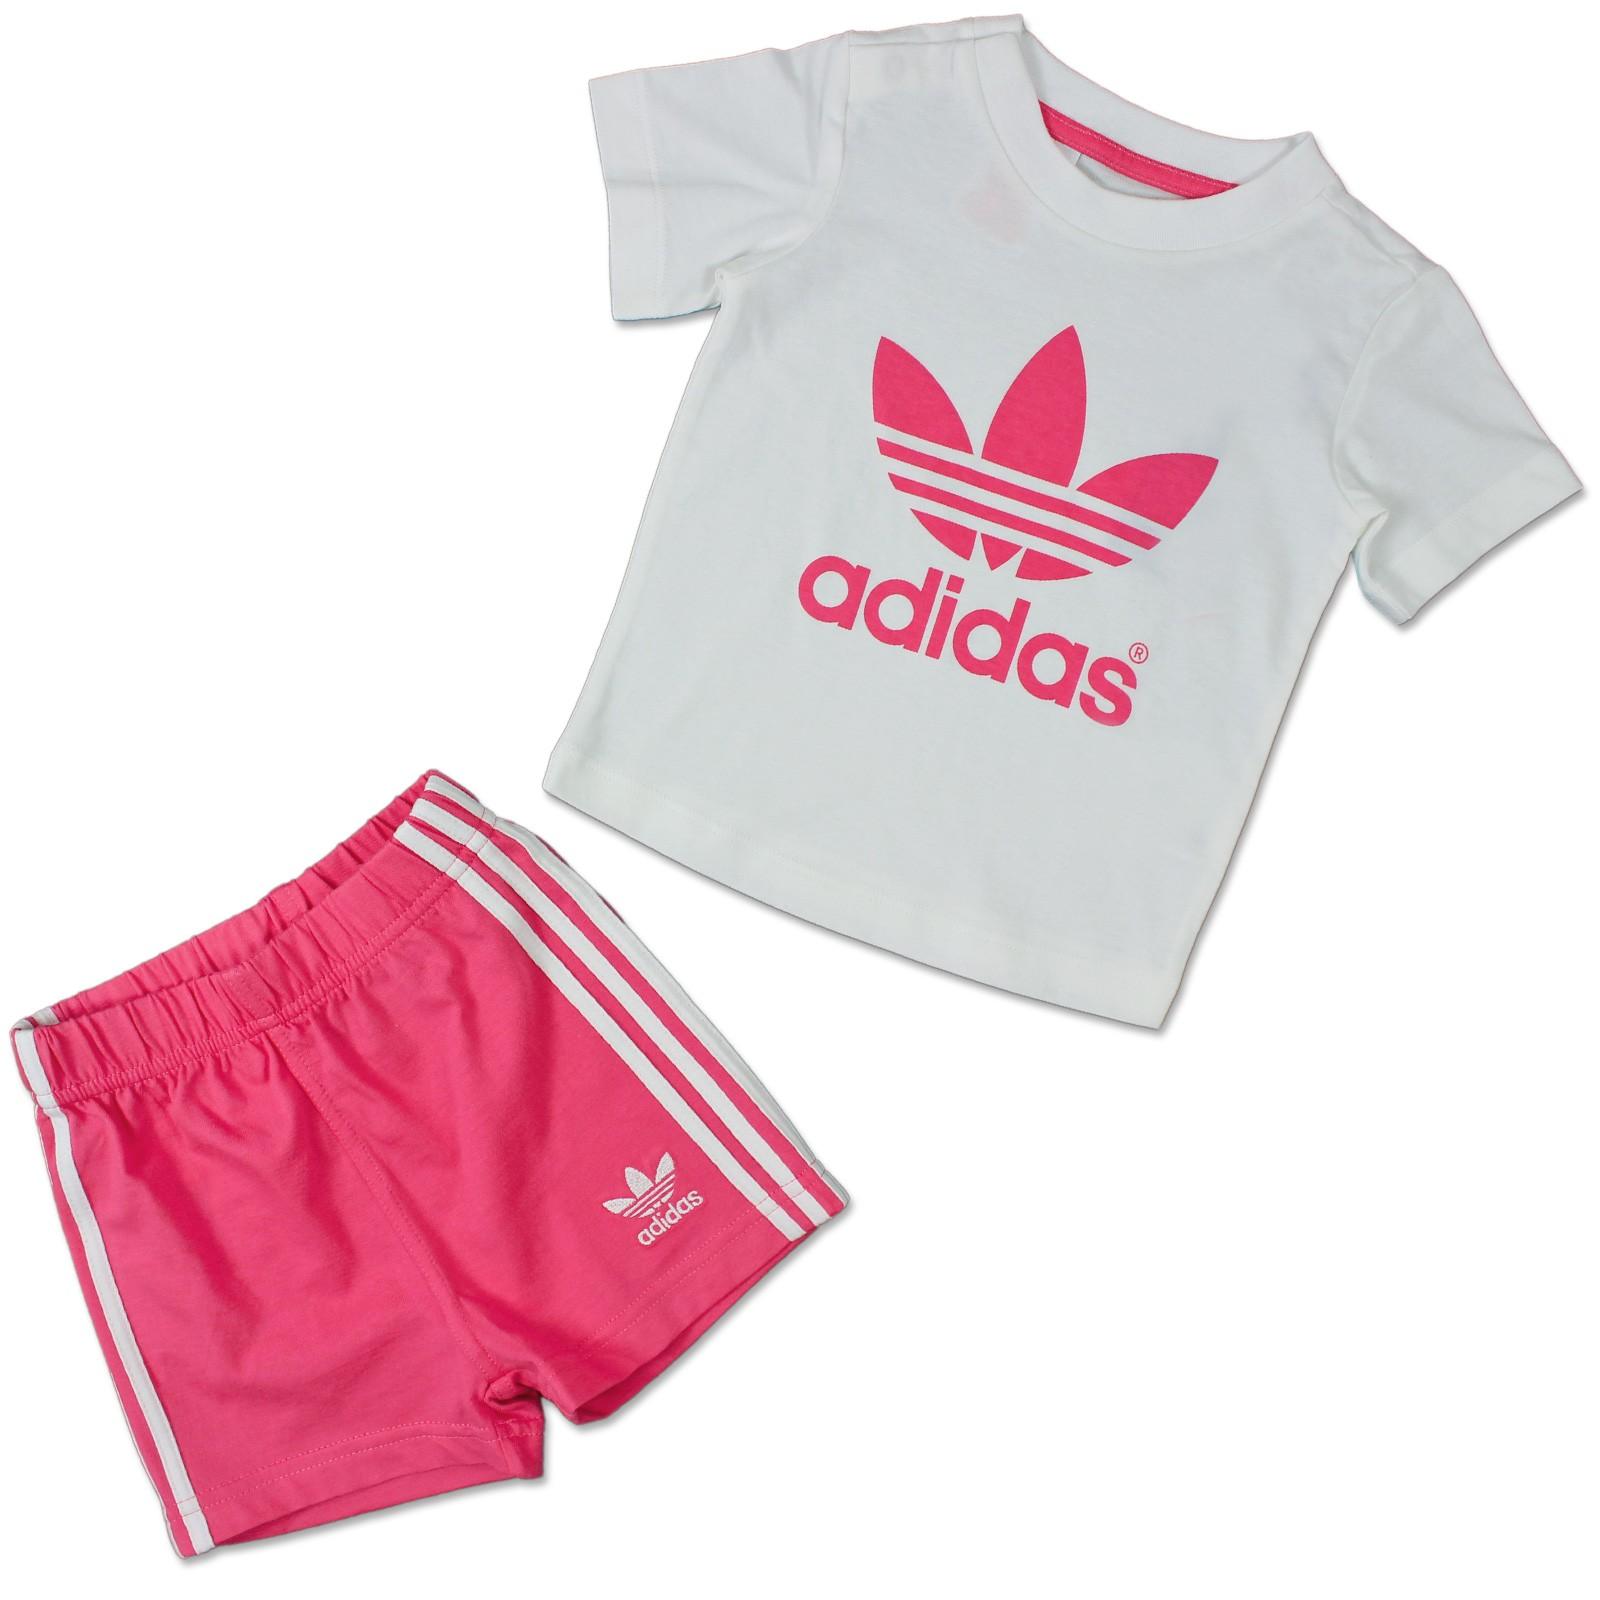 adidas t-shirt für kinder mädchen